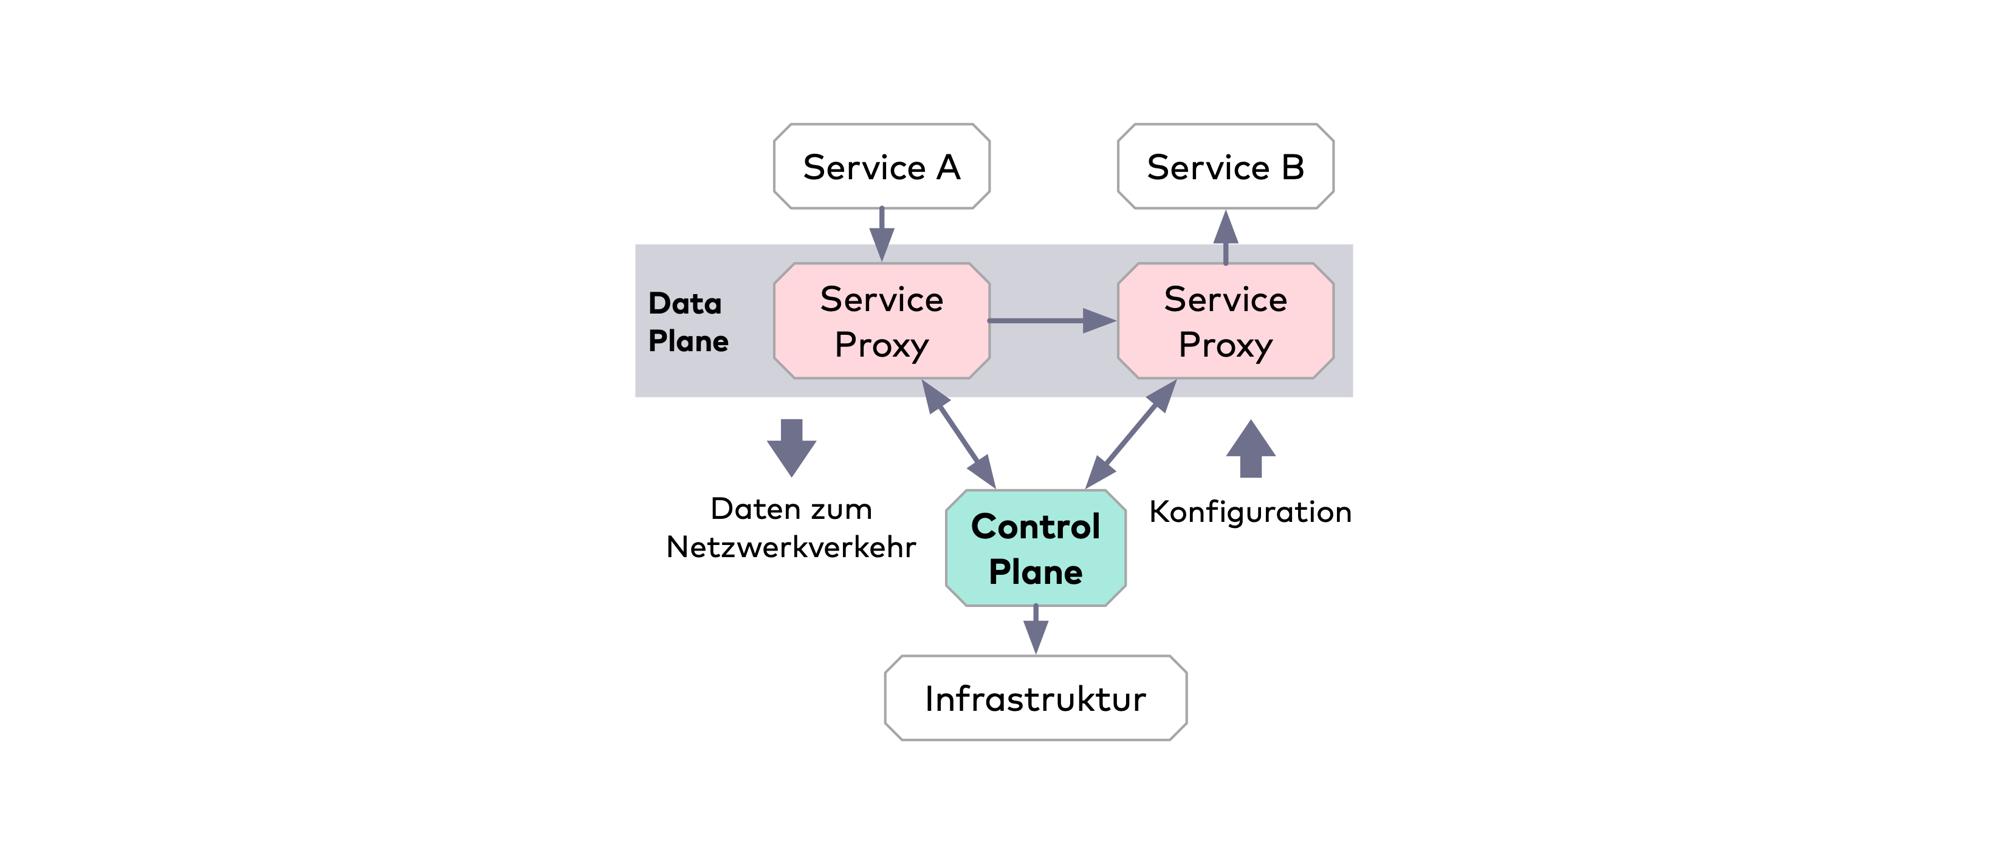 Mit einer aus Control und Data Plane bestehenden Infrastrukturebene kümmert sich ein Service Mesh um Aspekte wie Monitoring, Resilienz, Routing und Security (Abb. 1)